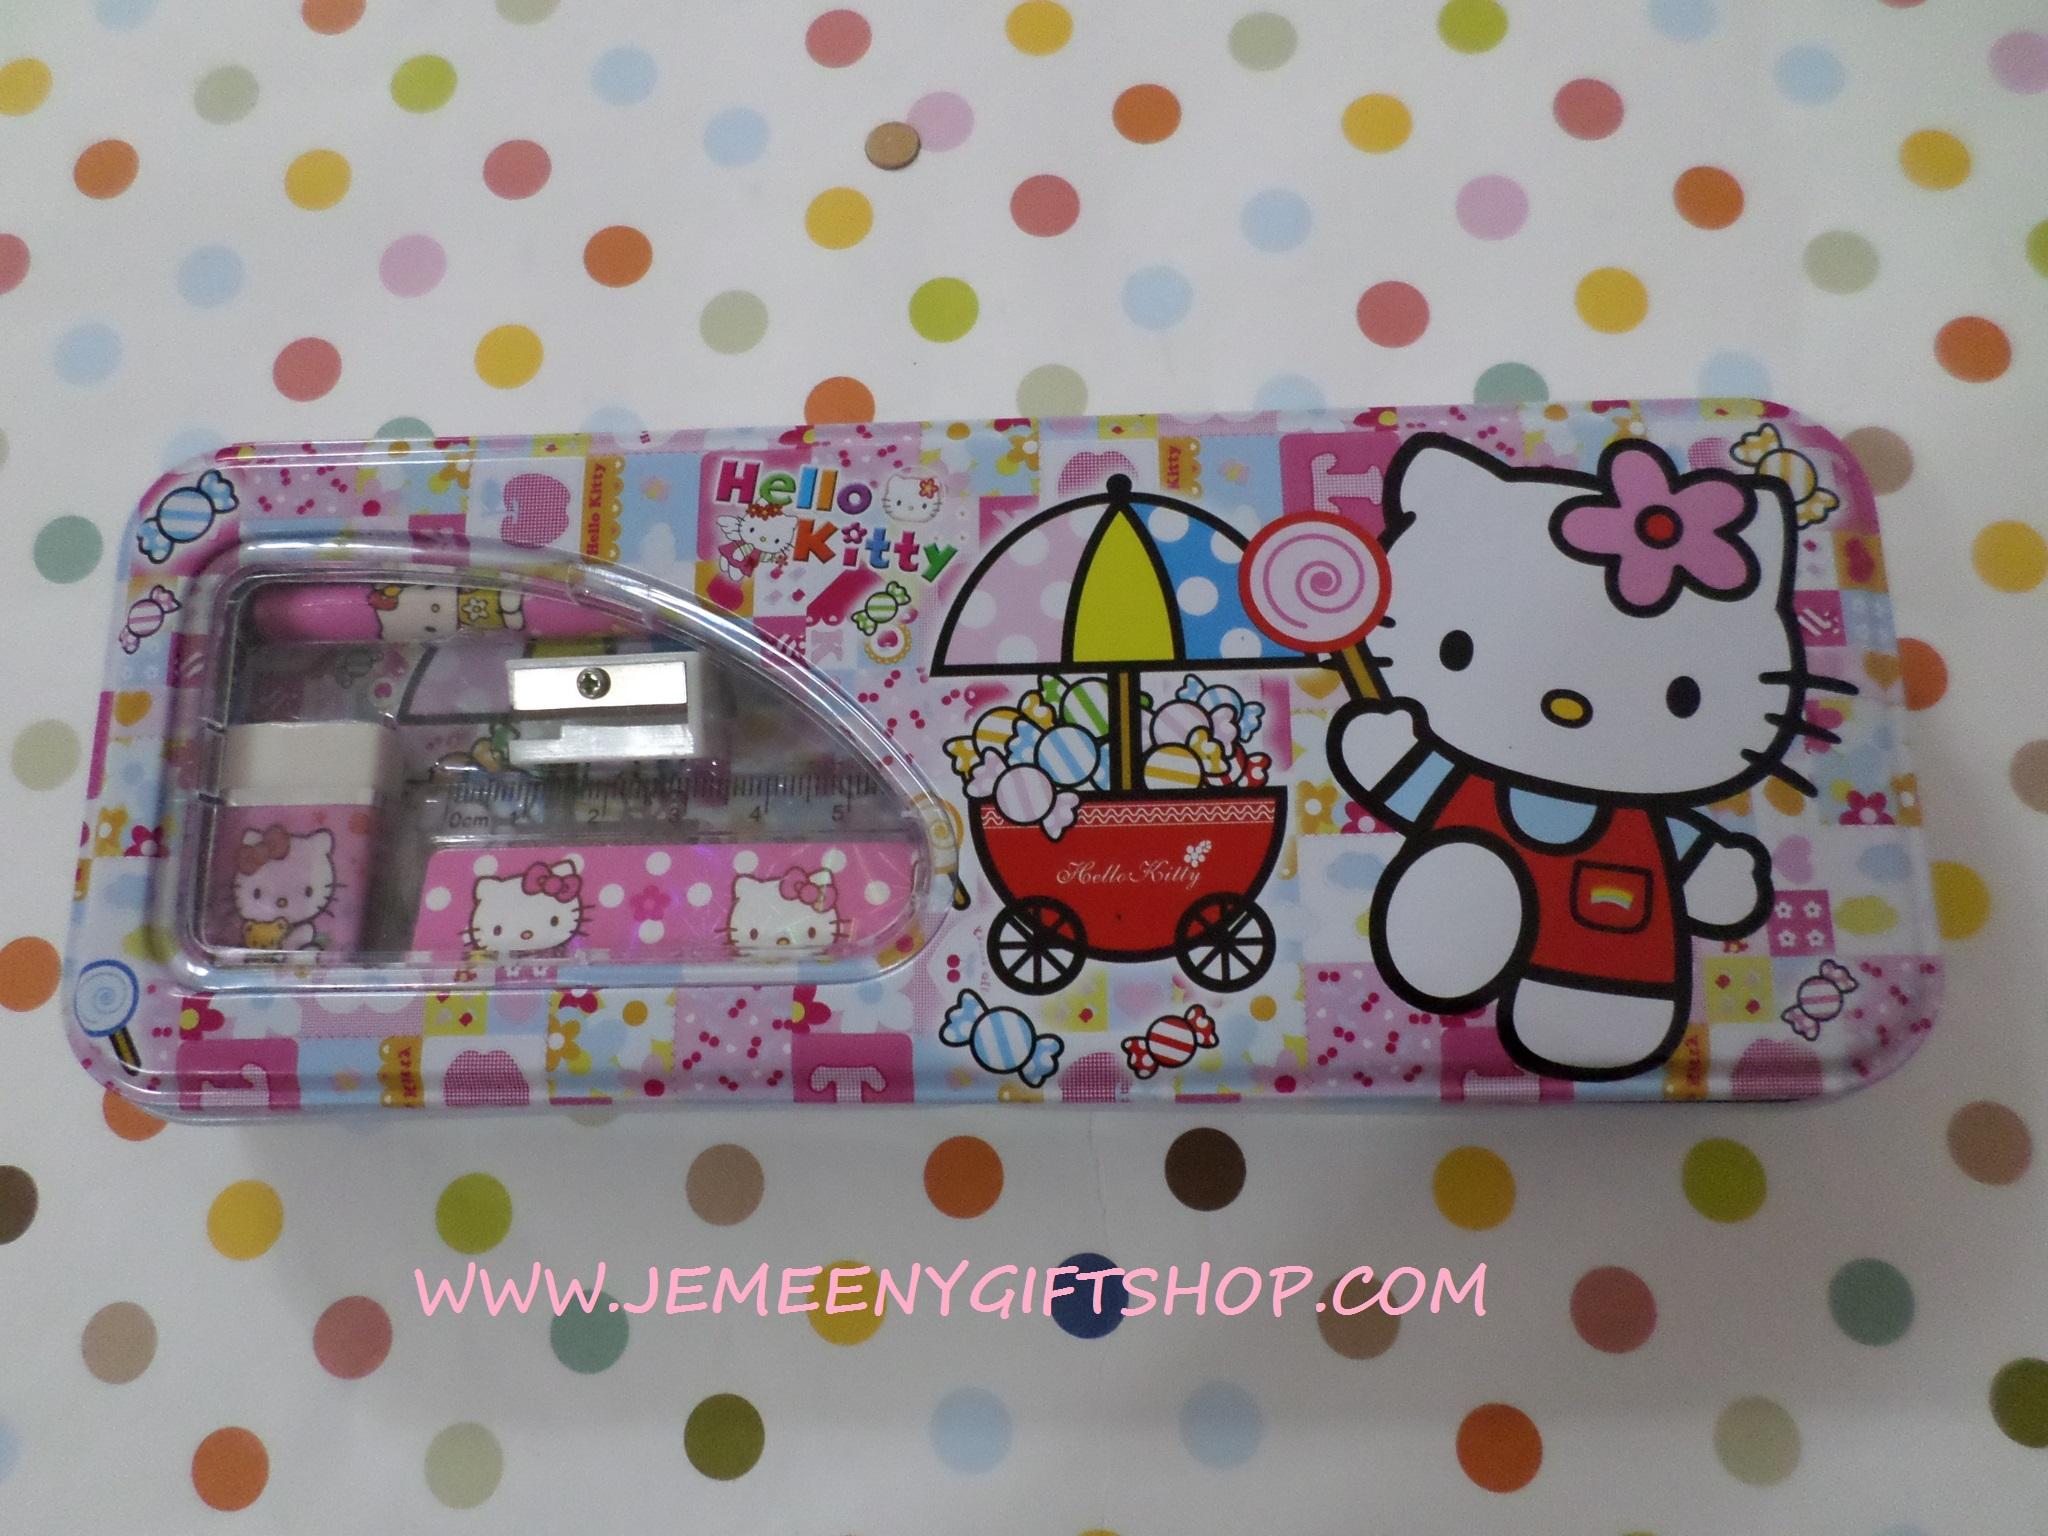 กล่องดินสอเหล็ก ฮัลโหลคิตตี้ Hello kitty#1 ขนาด 8 ซม. * 21 ซม. ลายฮัลโหลคิตตี้